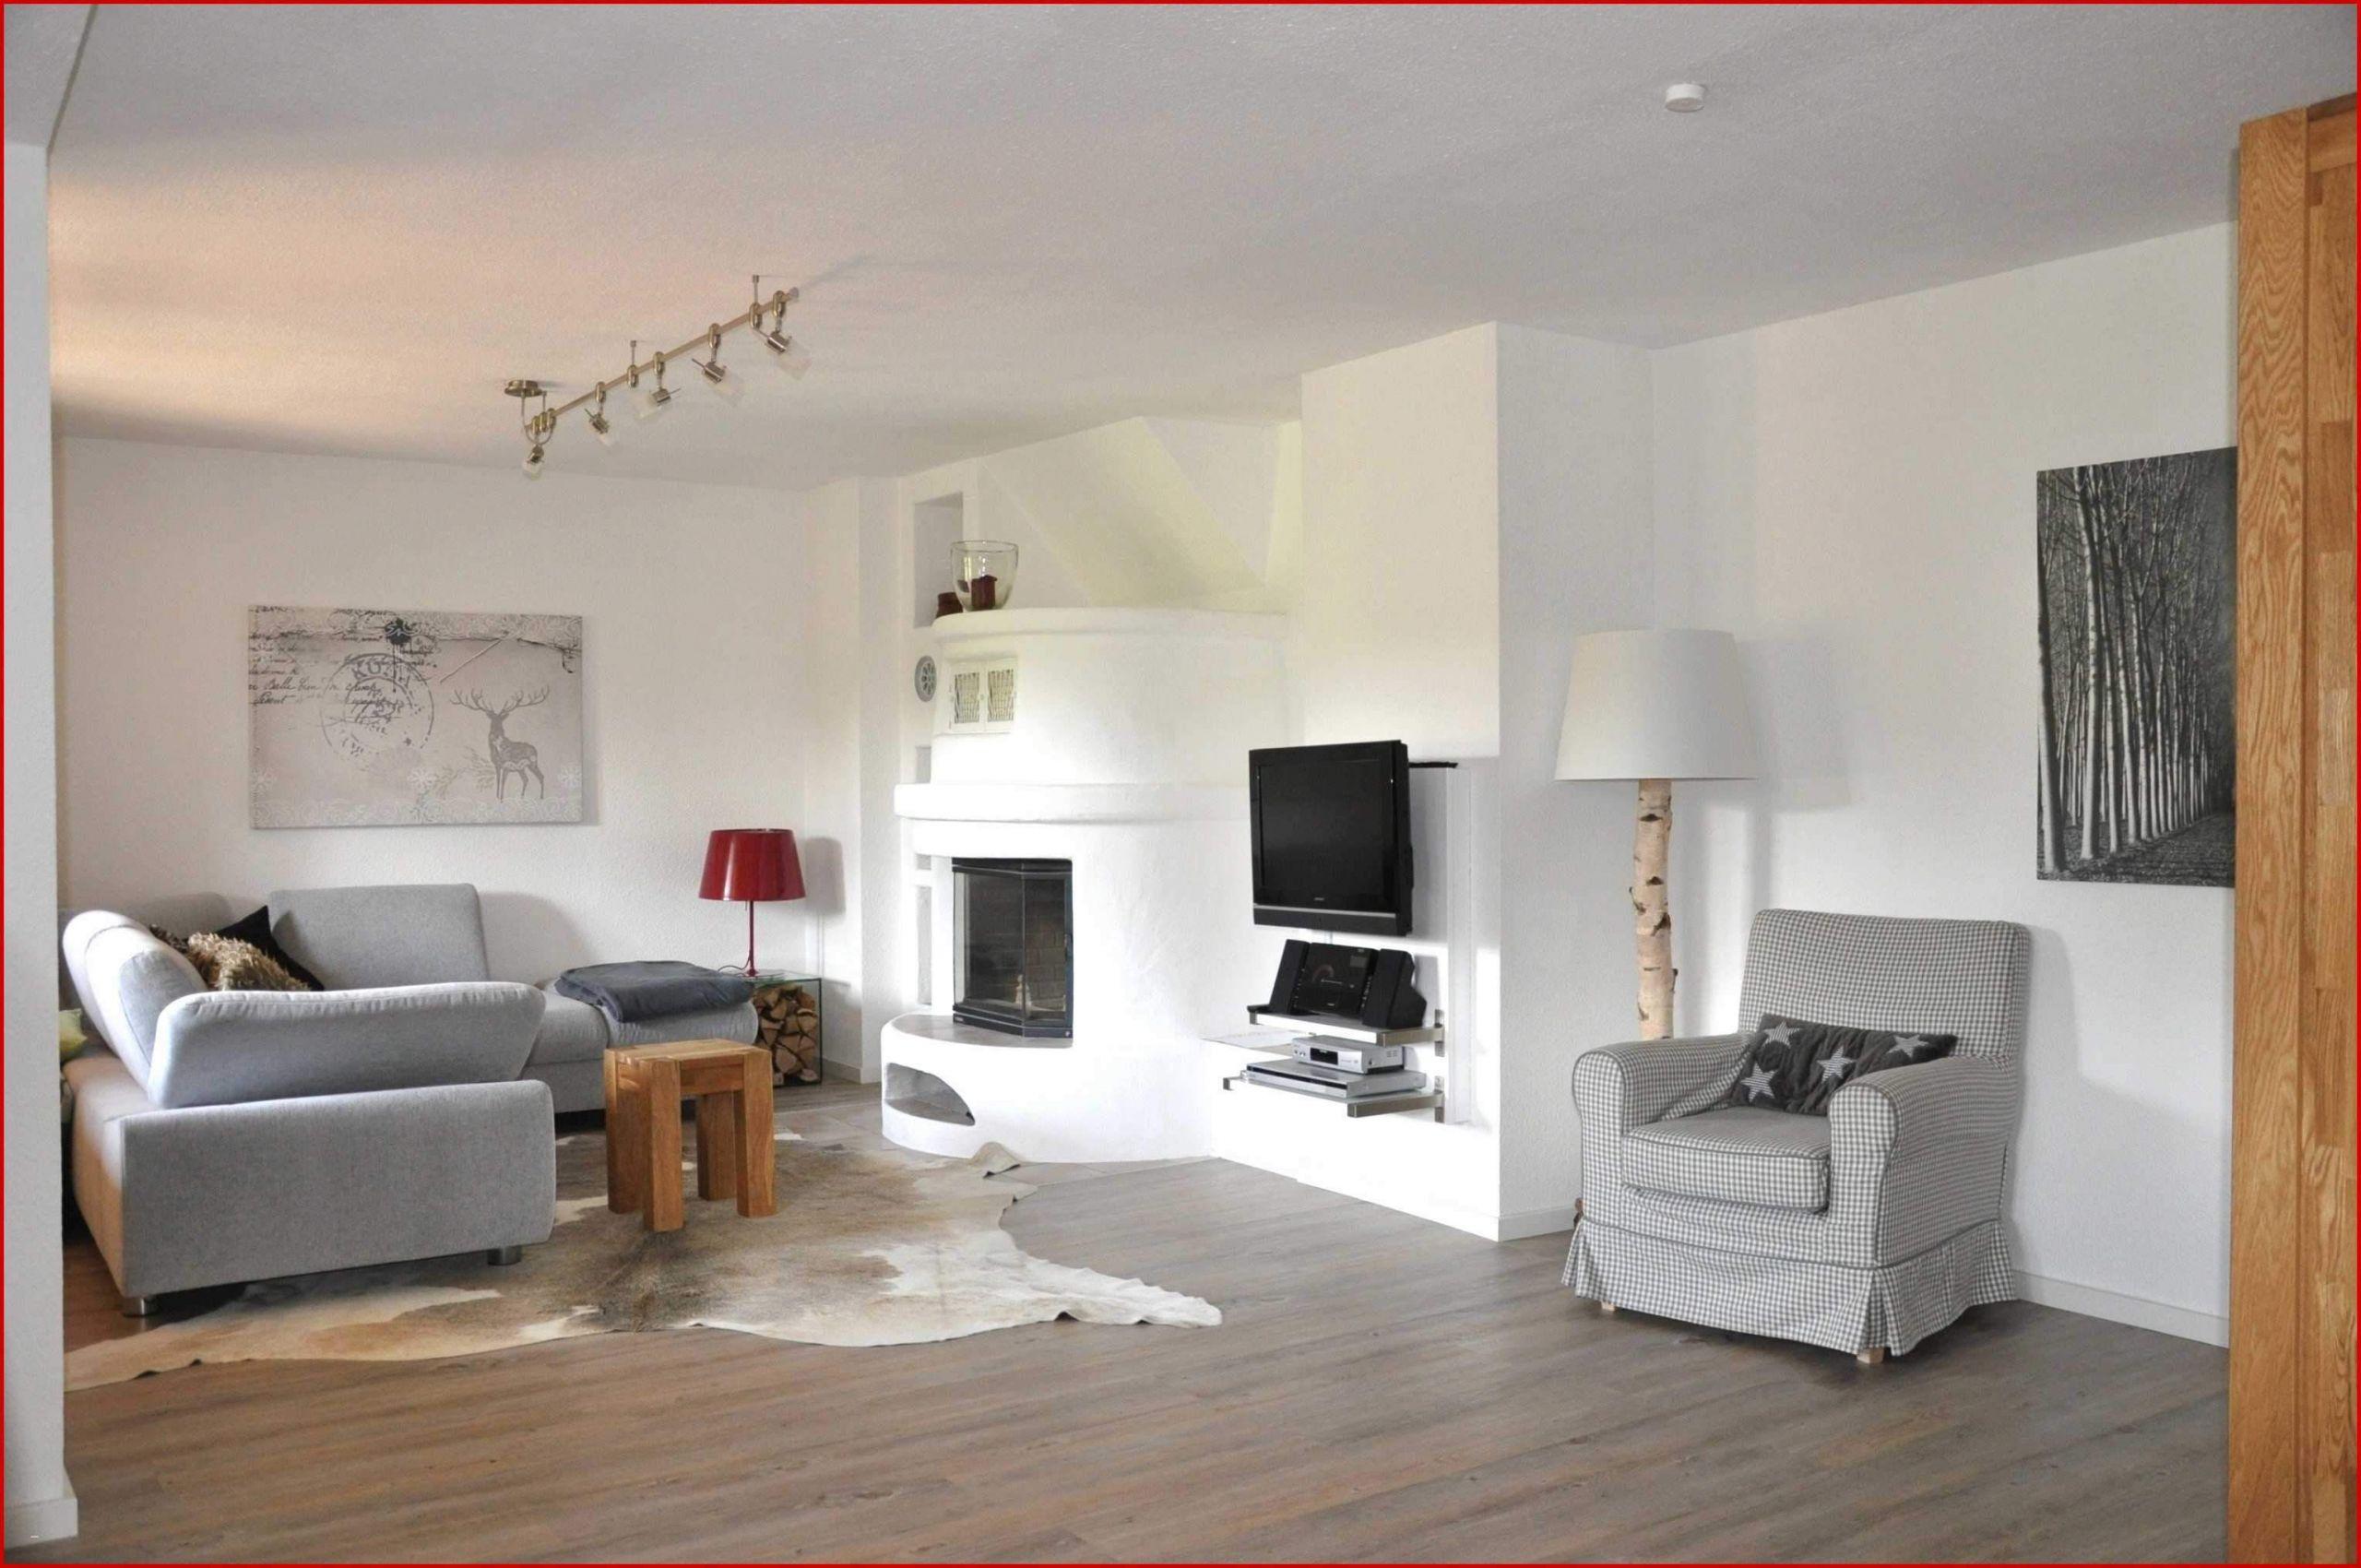 wandgestaltung wohnzimmer beispiele einzigartig 37 tolle von wandgestaltung wohnzimmer ideen ideen of wandgestaltung wohnzimmer beispiele